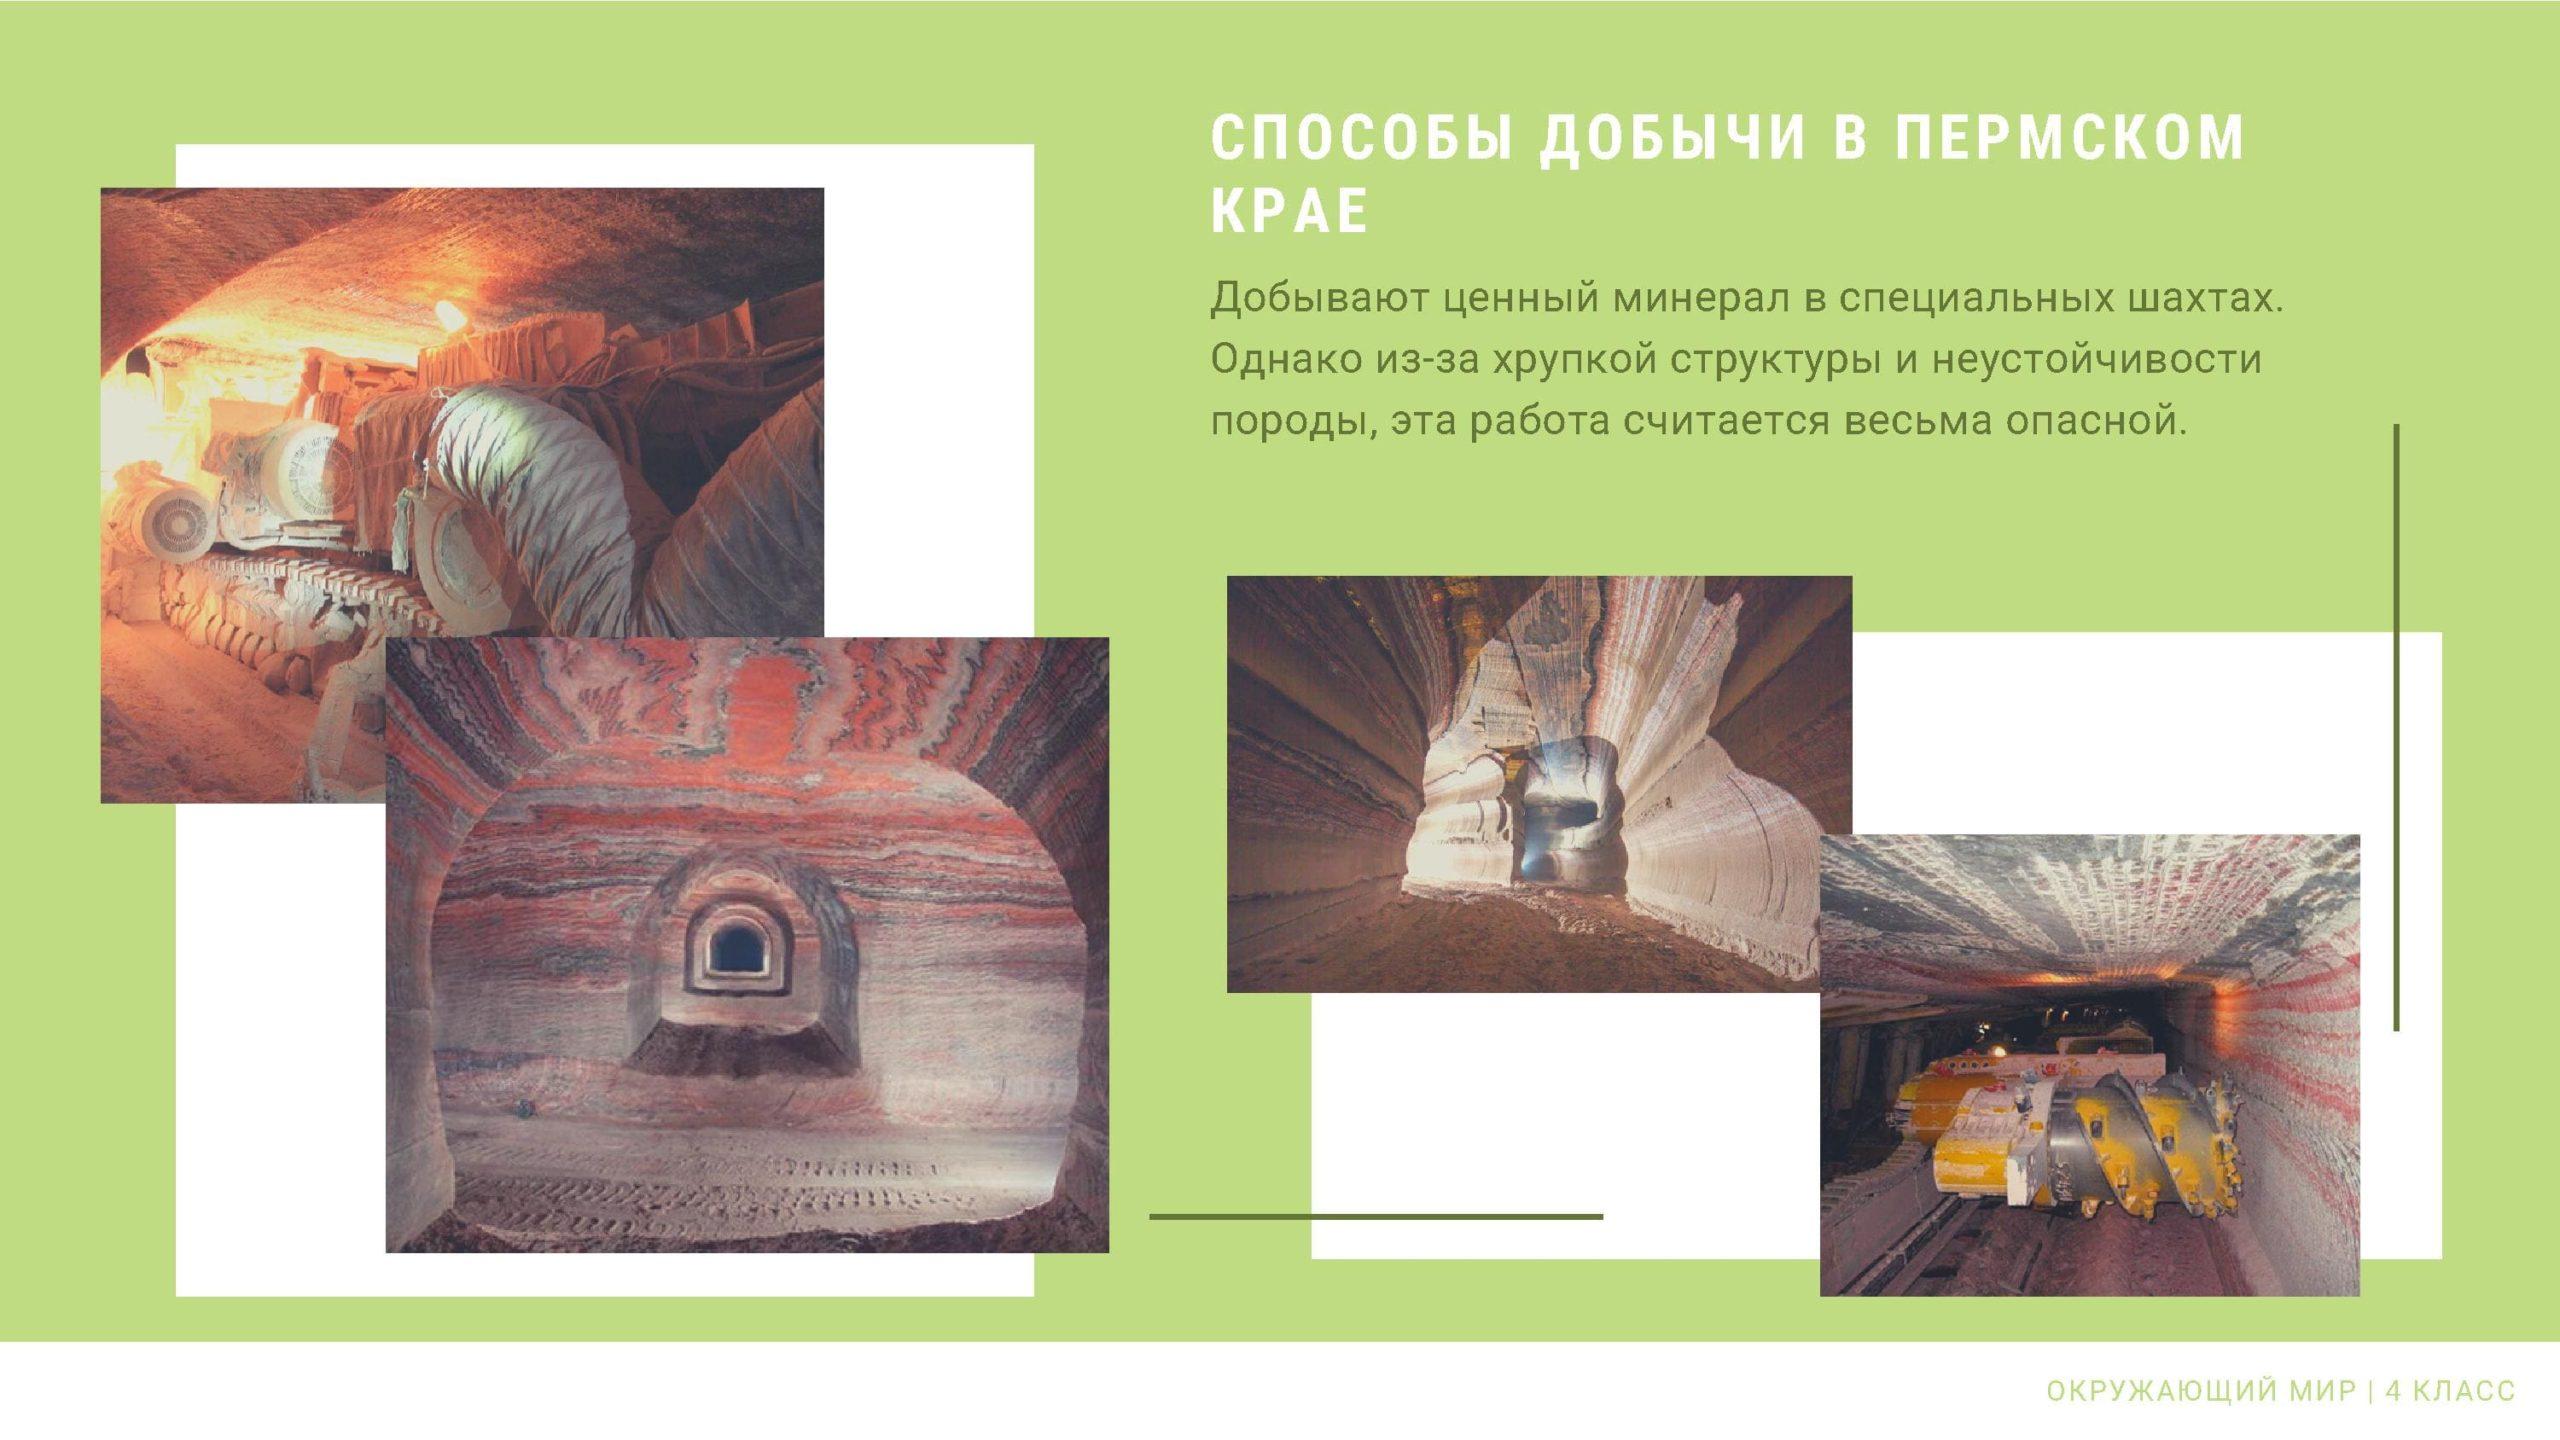 Способы добычи в Пермском крае